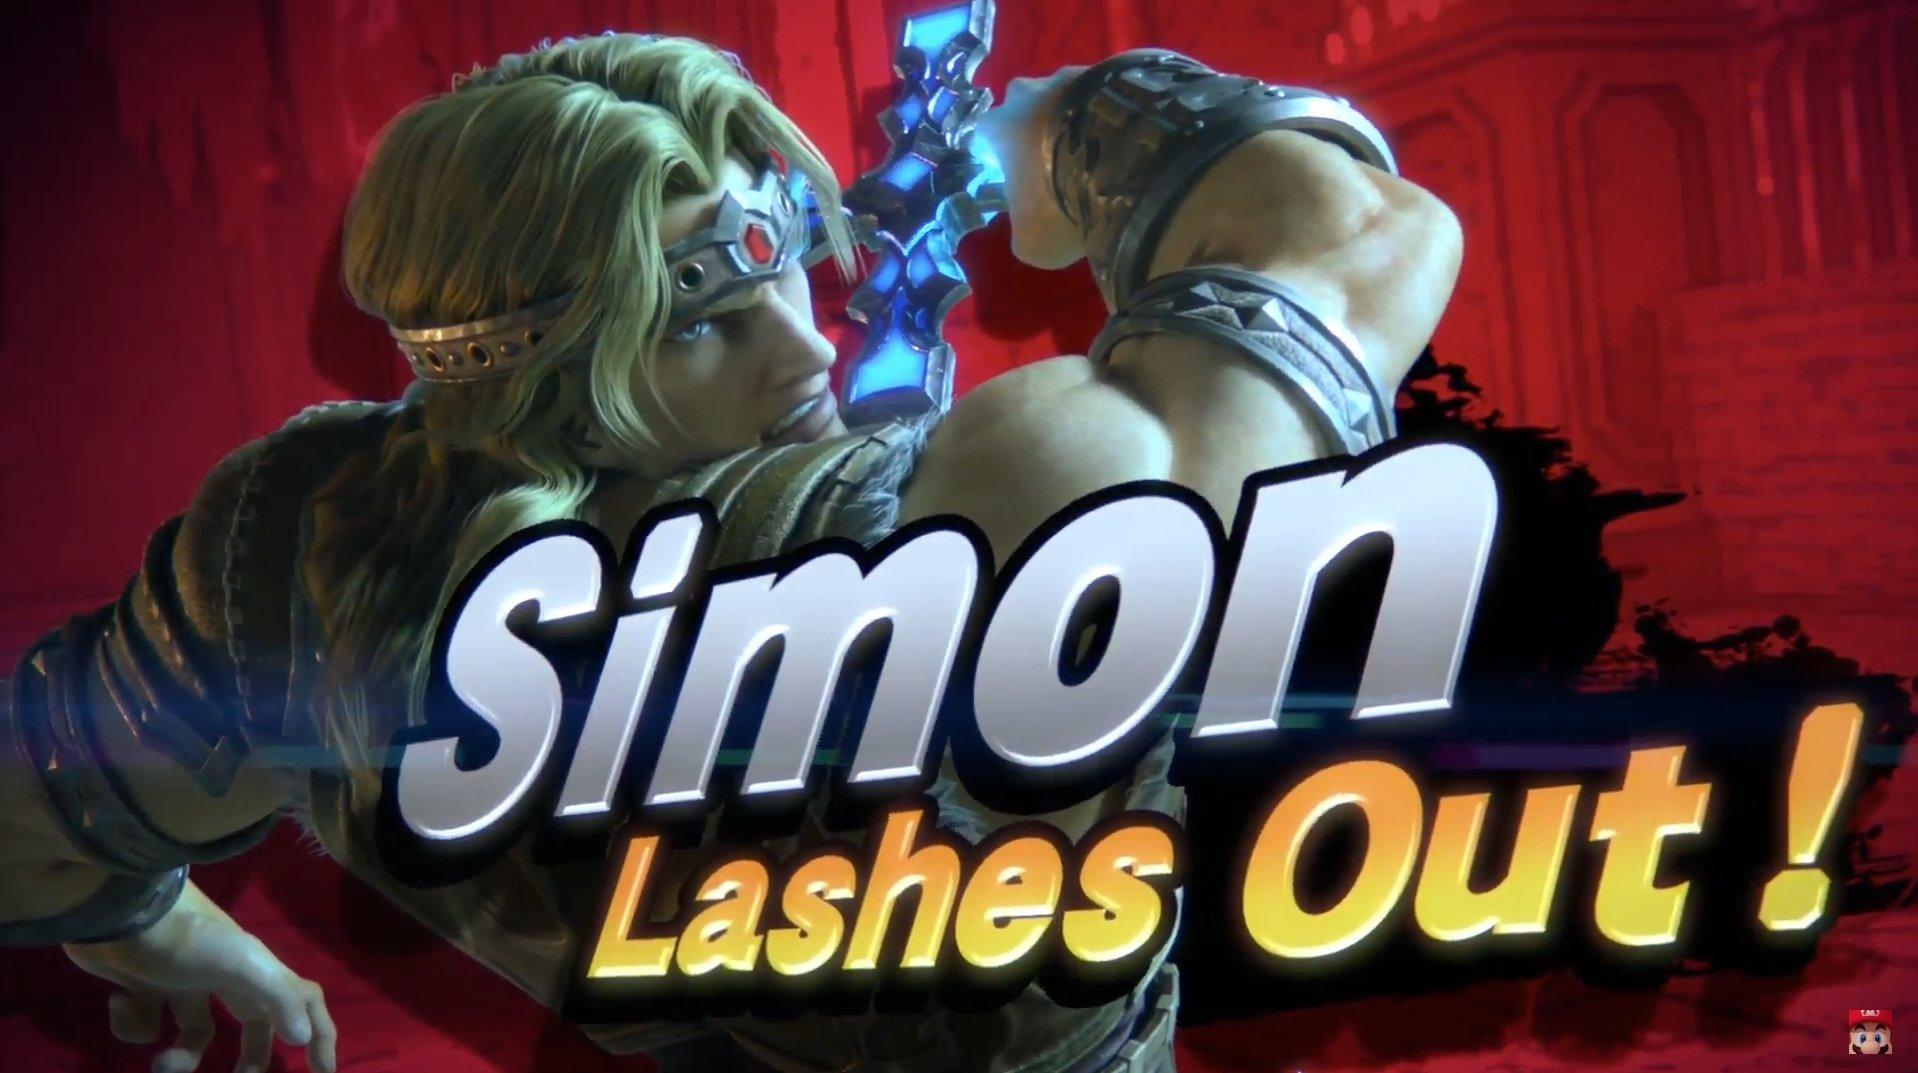 Simon Belmont et Richter Belmont ont annoncé pour Super Smash Bros. Ultimate